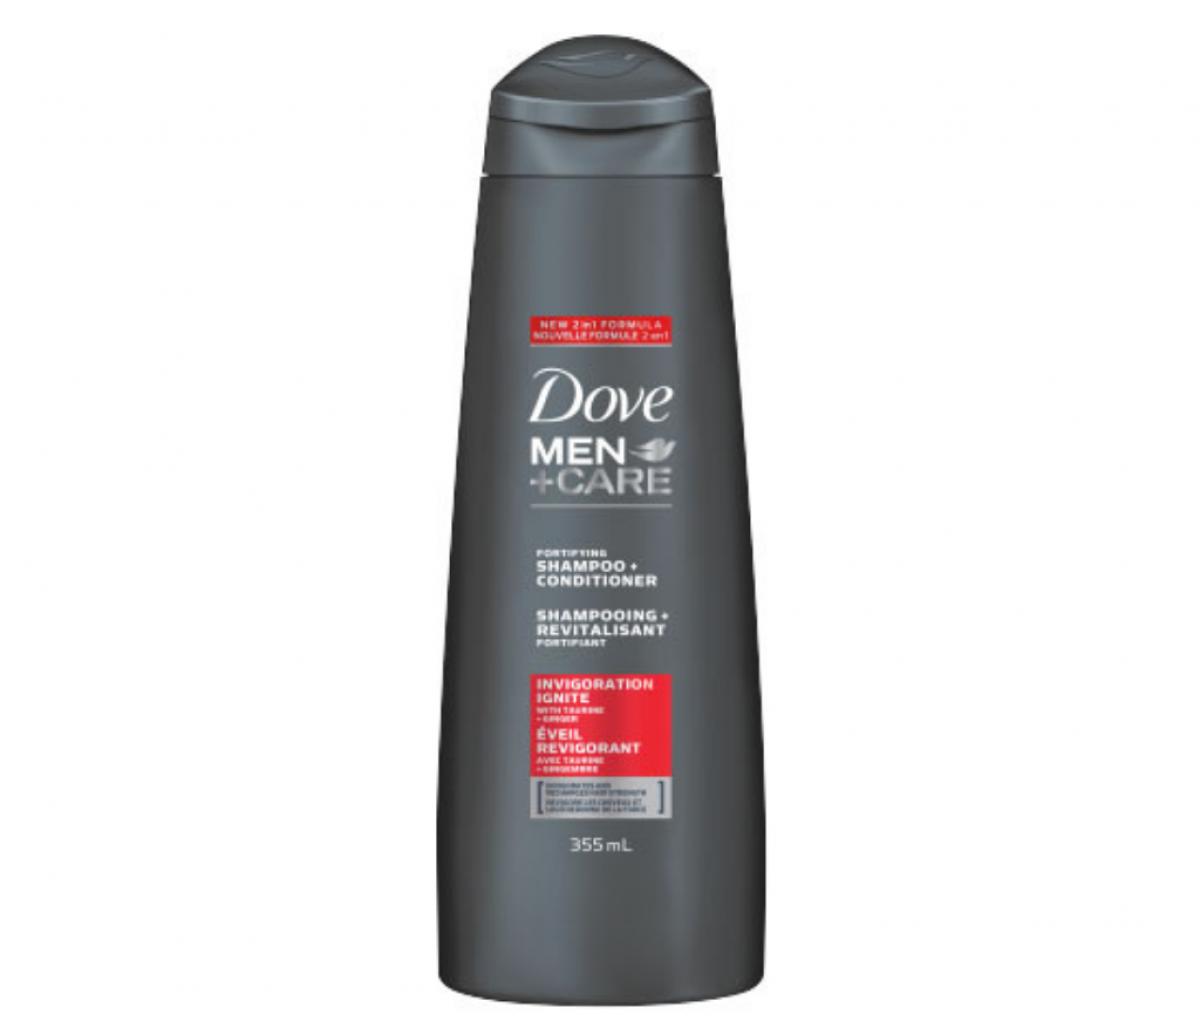 Dove 20.4oz Invigo Ignite Shampoo+Conditioner